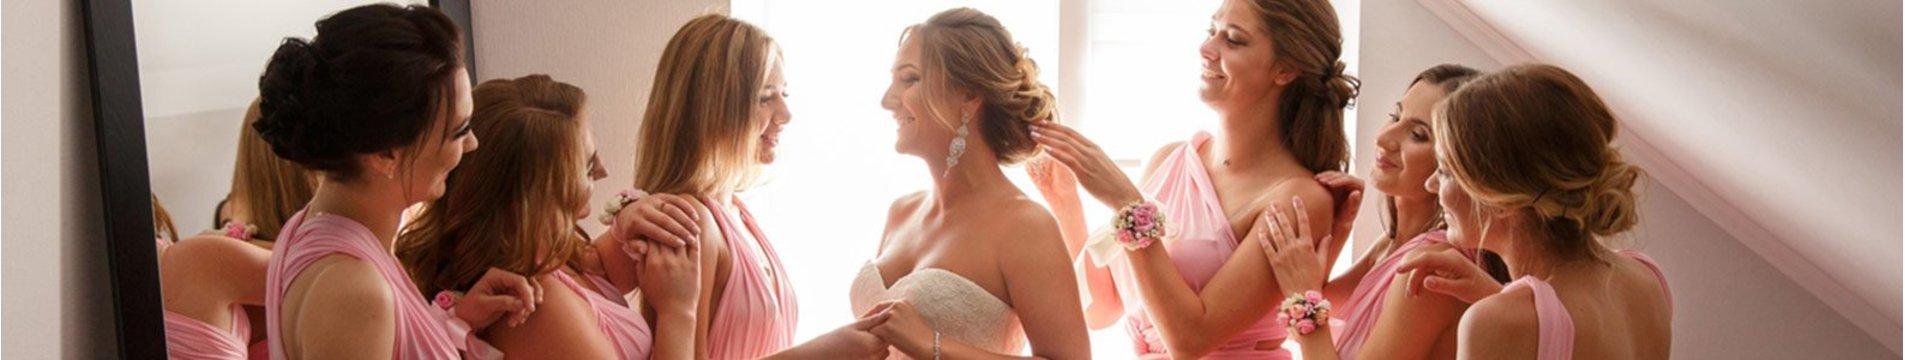 national-bridesmaids-day-thumb.jpg